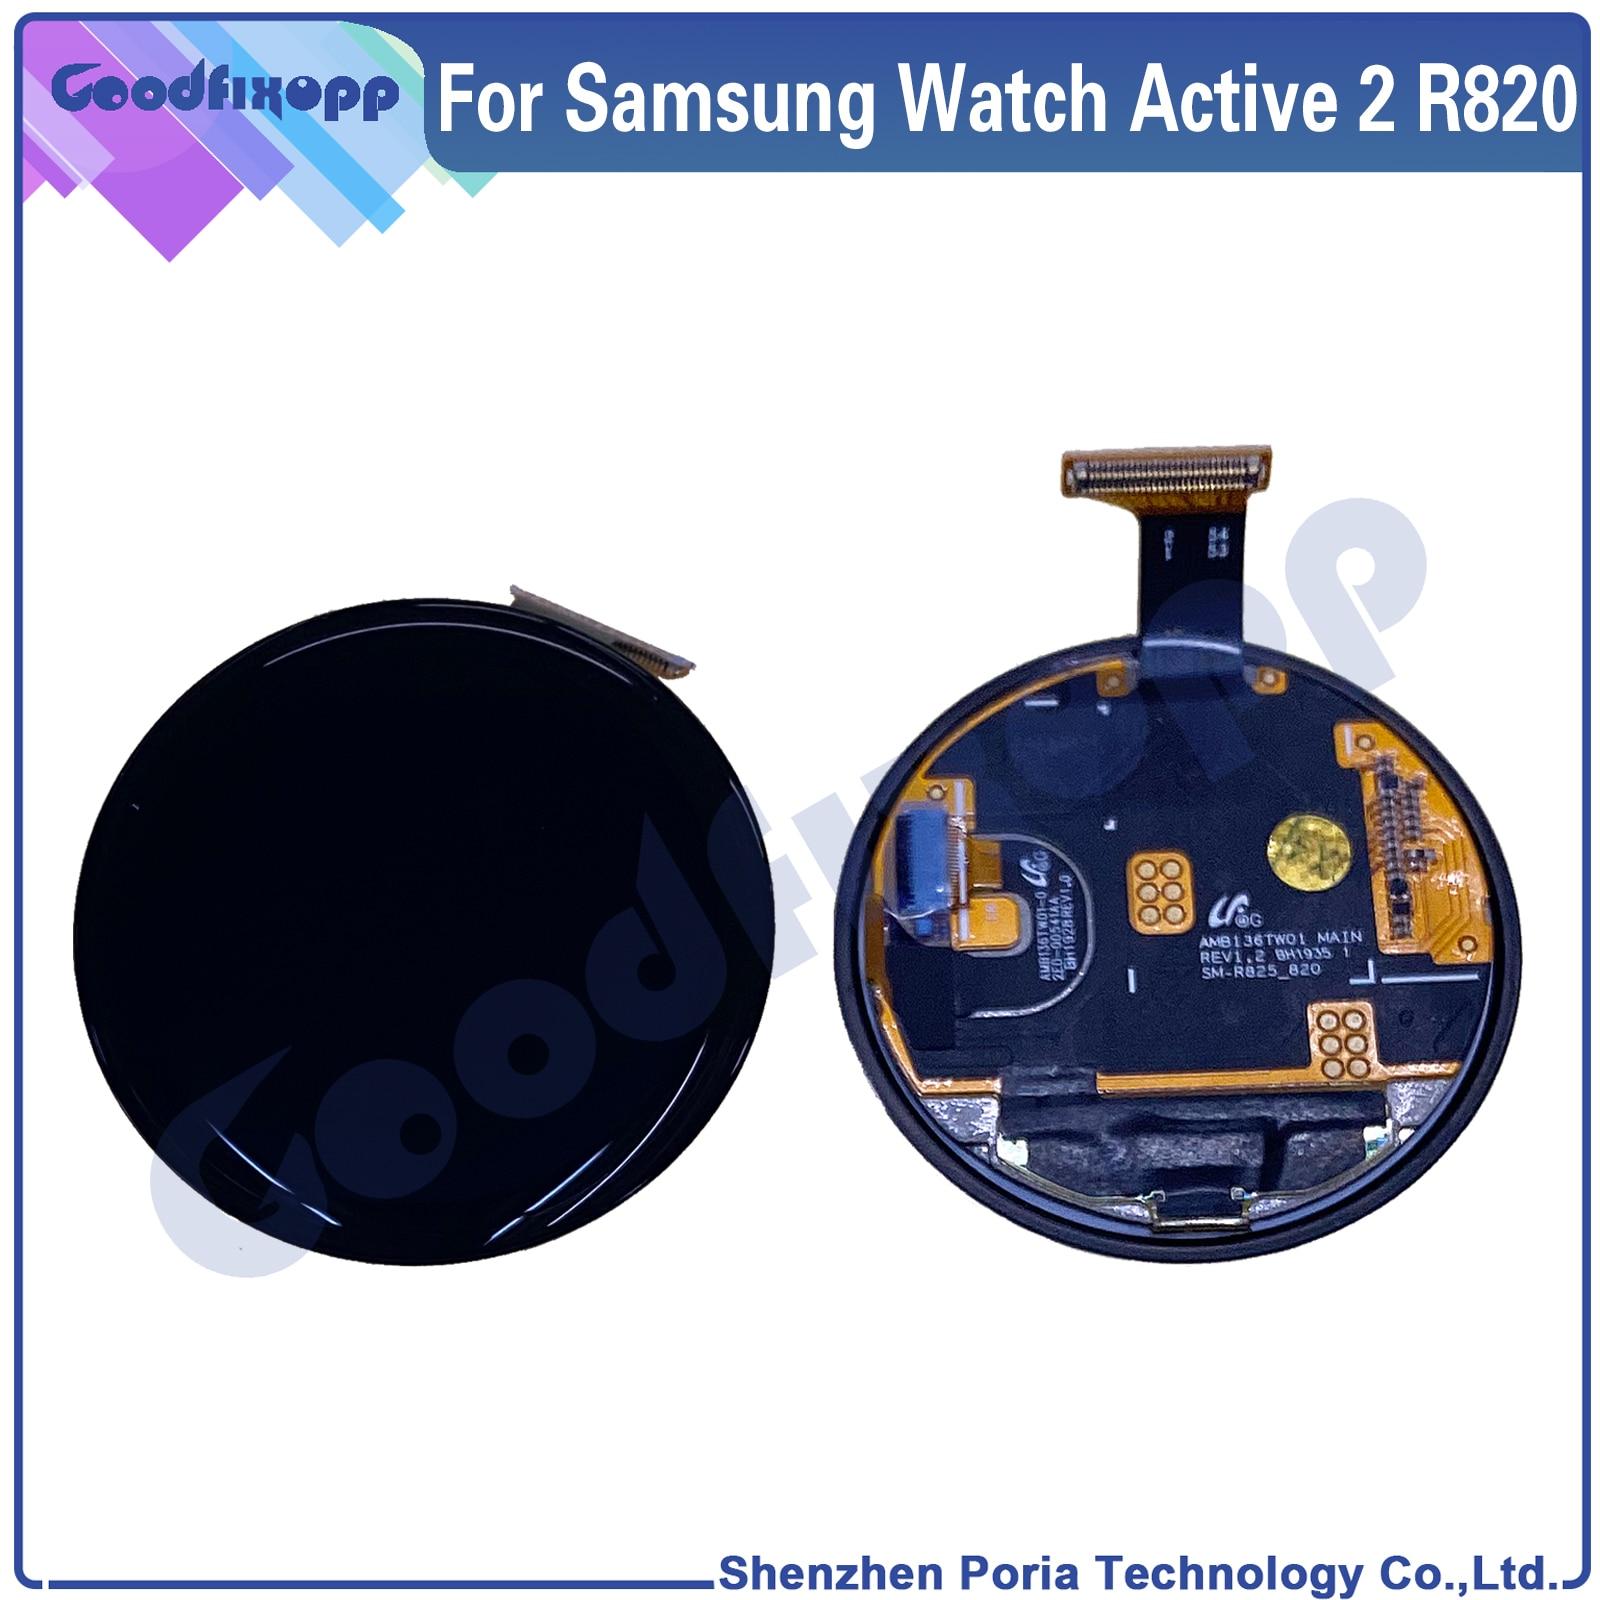 الأصلي مشاهدة عرض ل سامسونج ساعة Actire 2 R820 44 مللي متر LCD عرض الجمعية شاشة تعمل باللمس